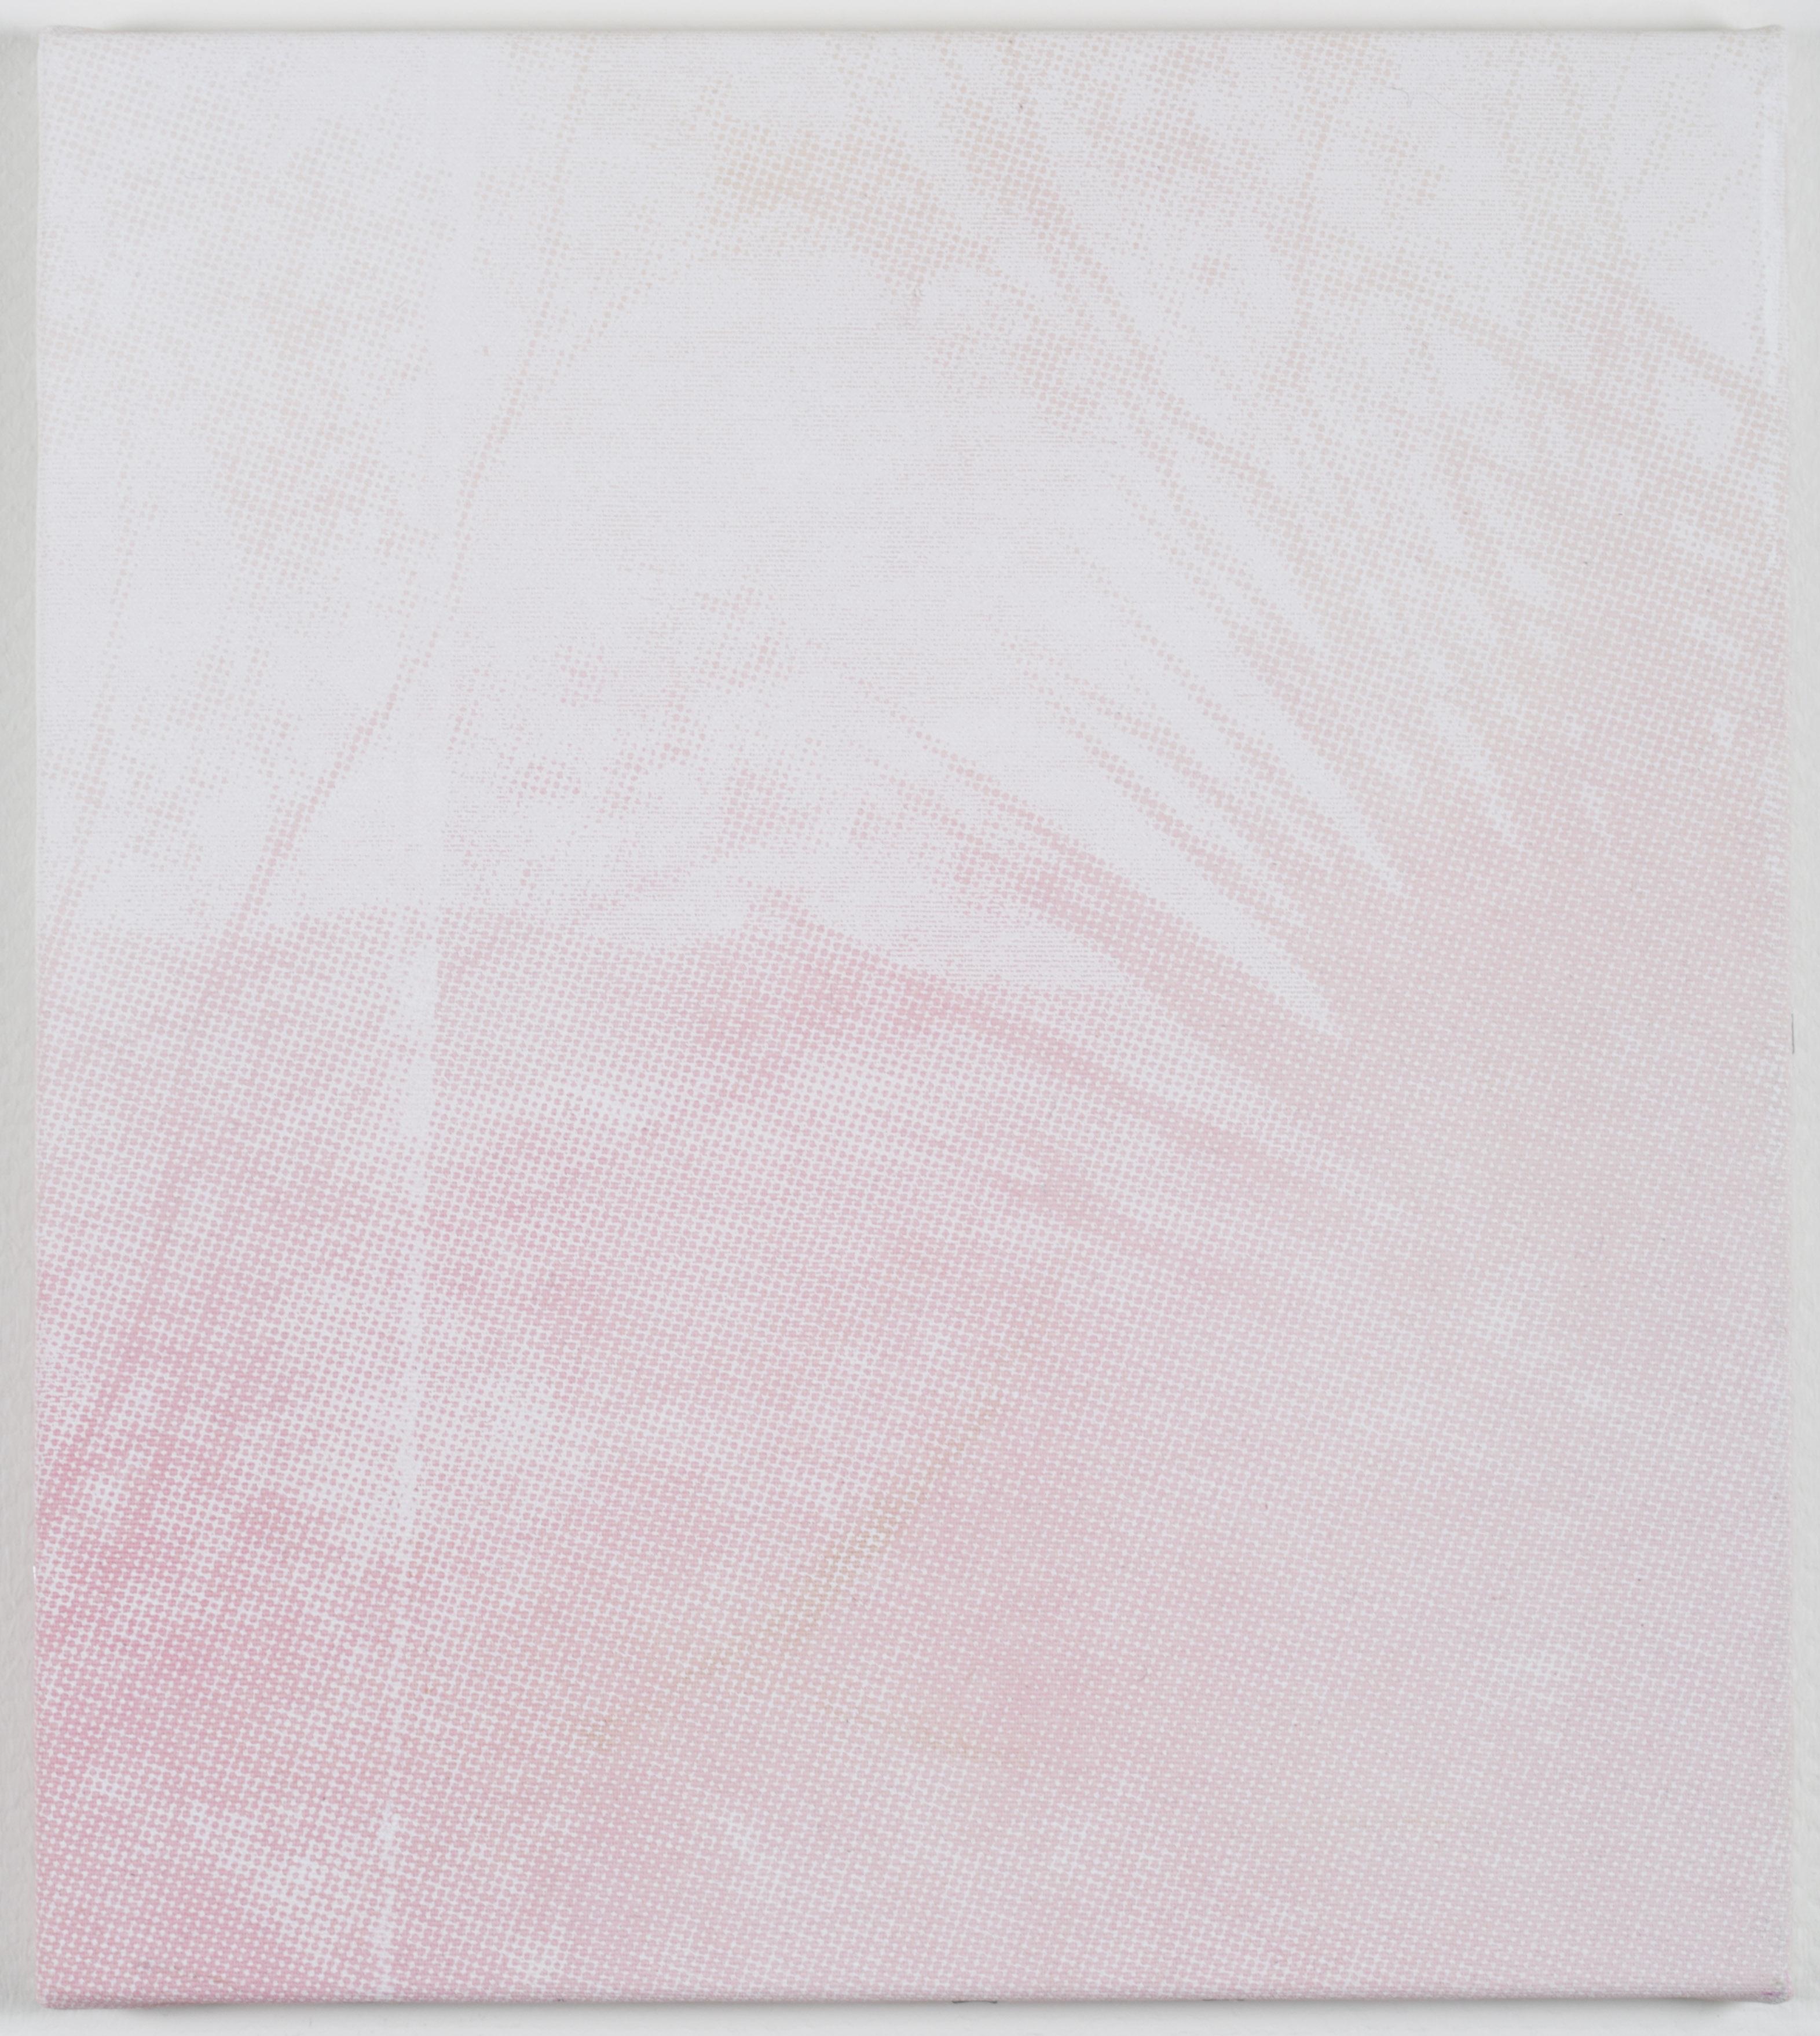 Joan van Barneveld I love you I love you, 2016 Acrylic on canvas 15.7 x 19.7 inches   Courtesy of LMAKgallery, NY